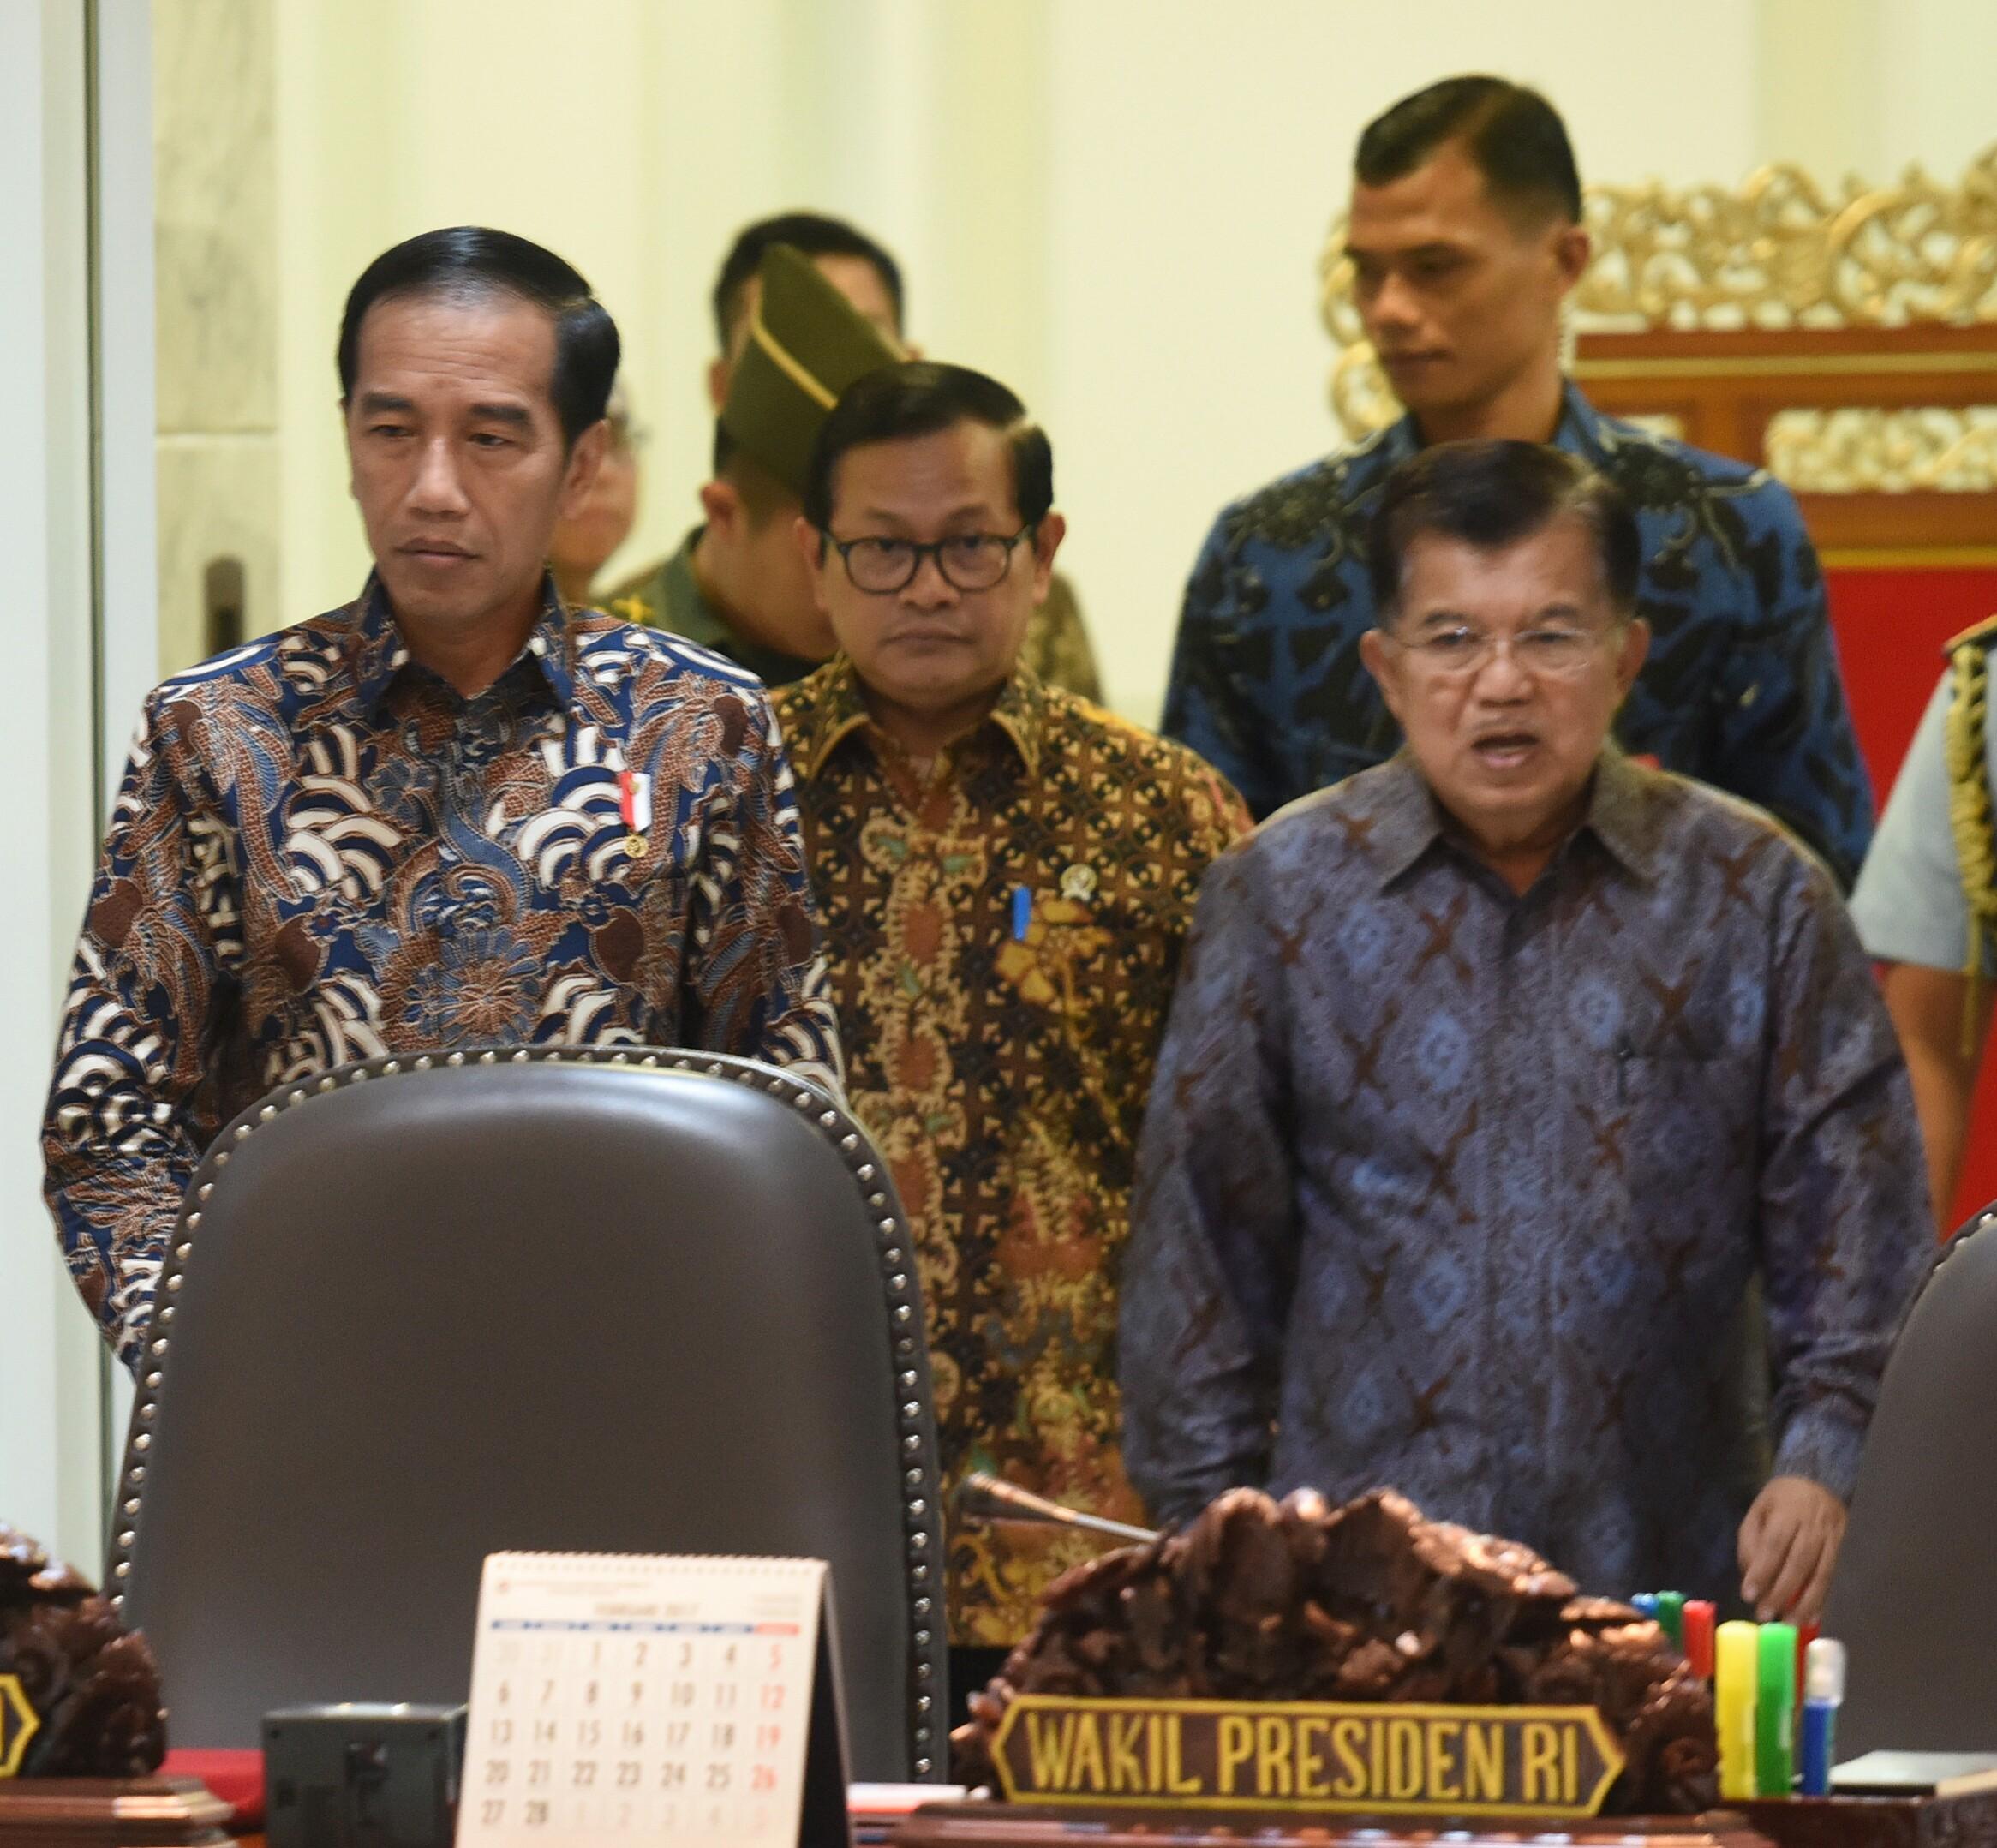 Presiden Jokowi dan Wapres Jusuf Kalla didampingi Seskab memasuki ruang rapat terbatas, di Kantor Presiden, Jakarta, Kamis (2/3) pagi. (Foto: Rahmat/Humas)